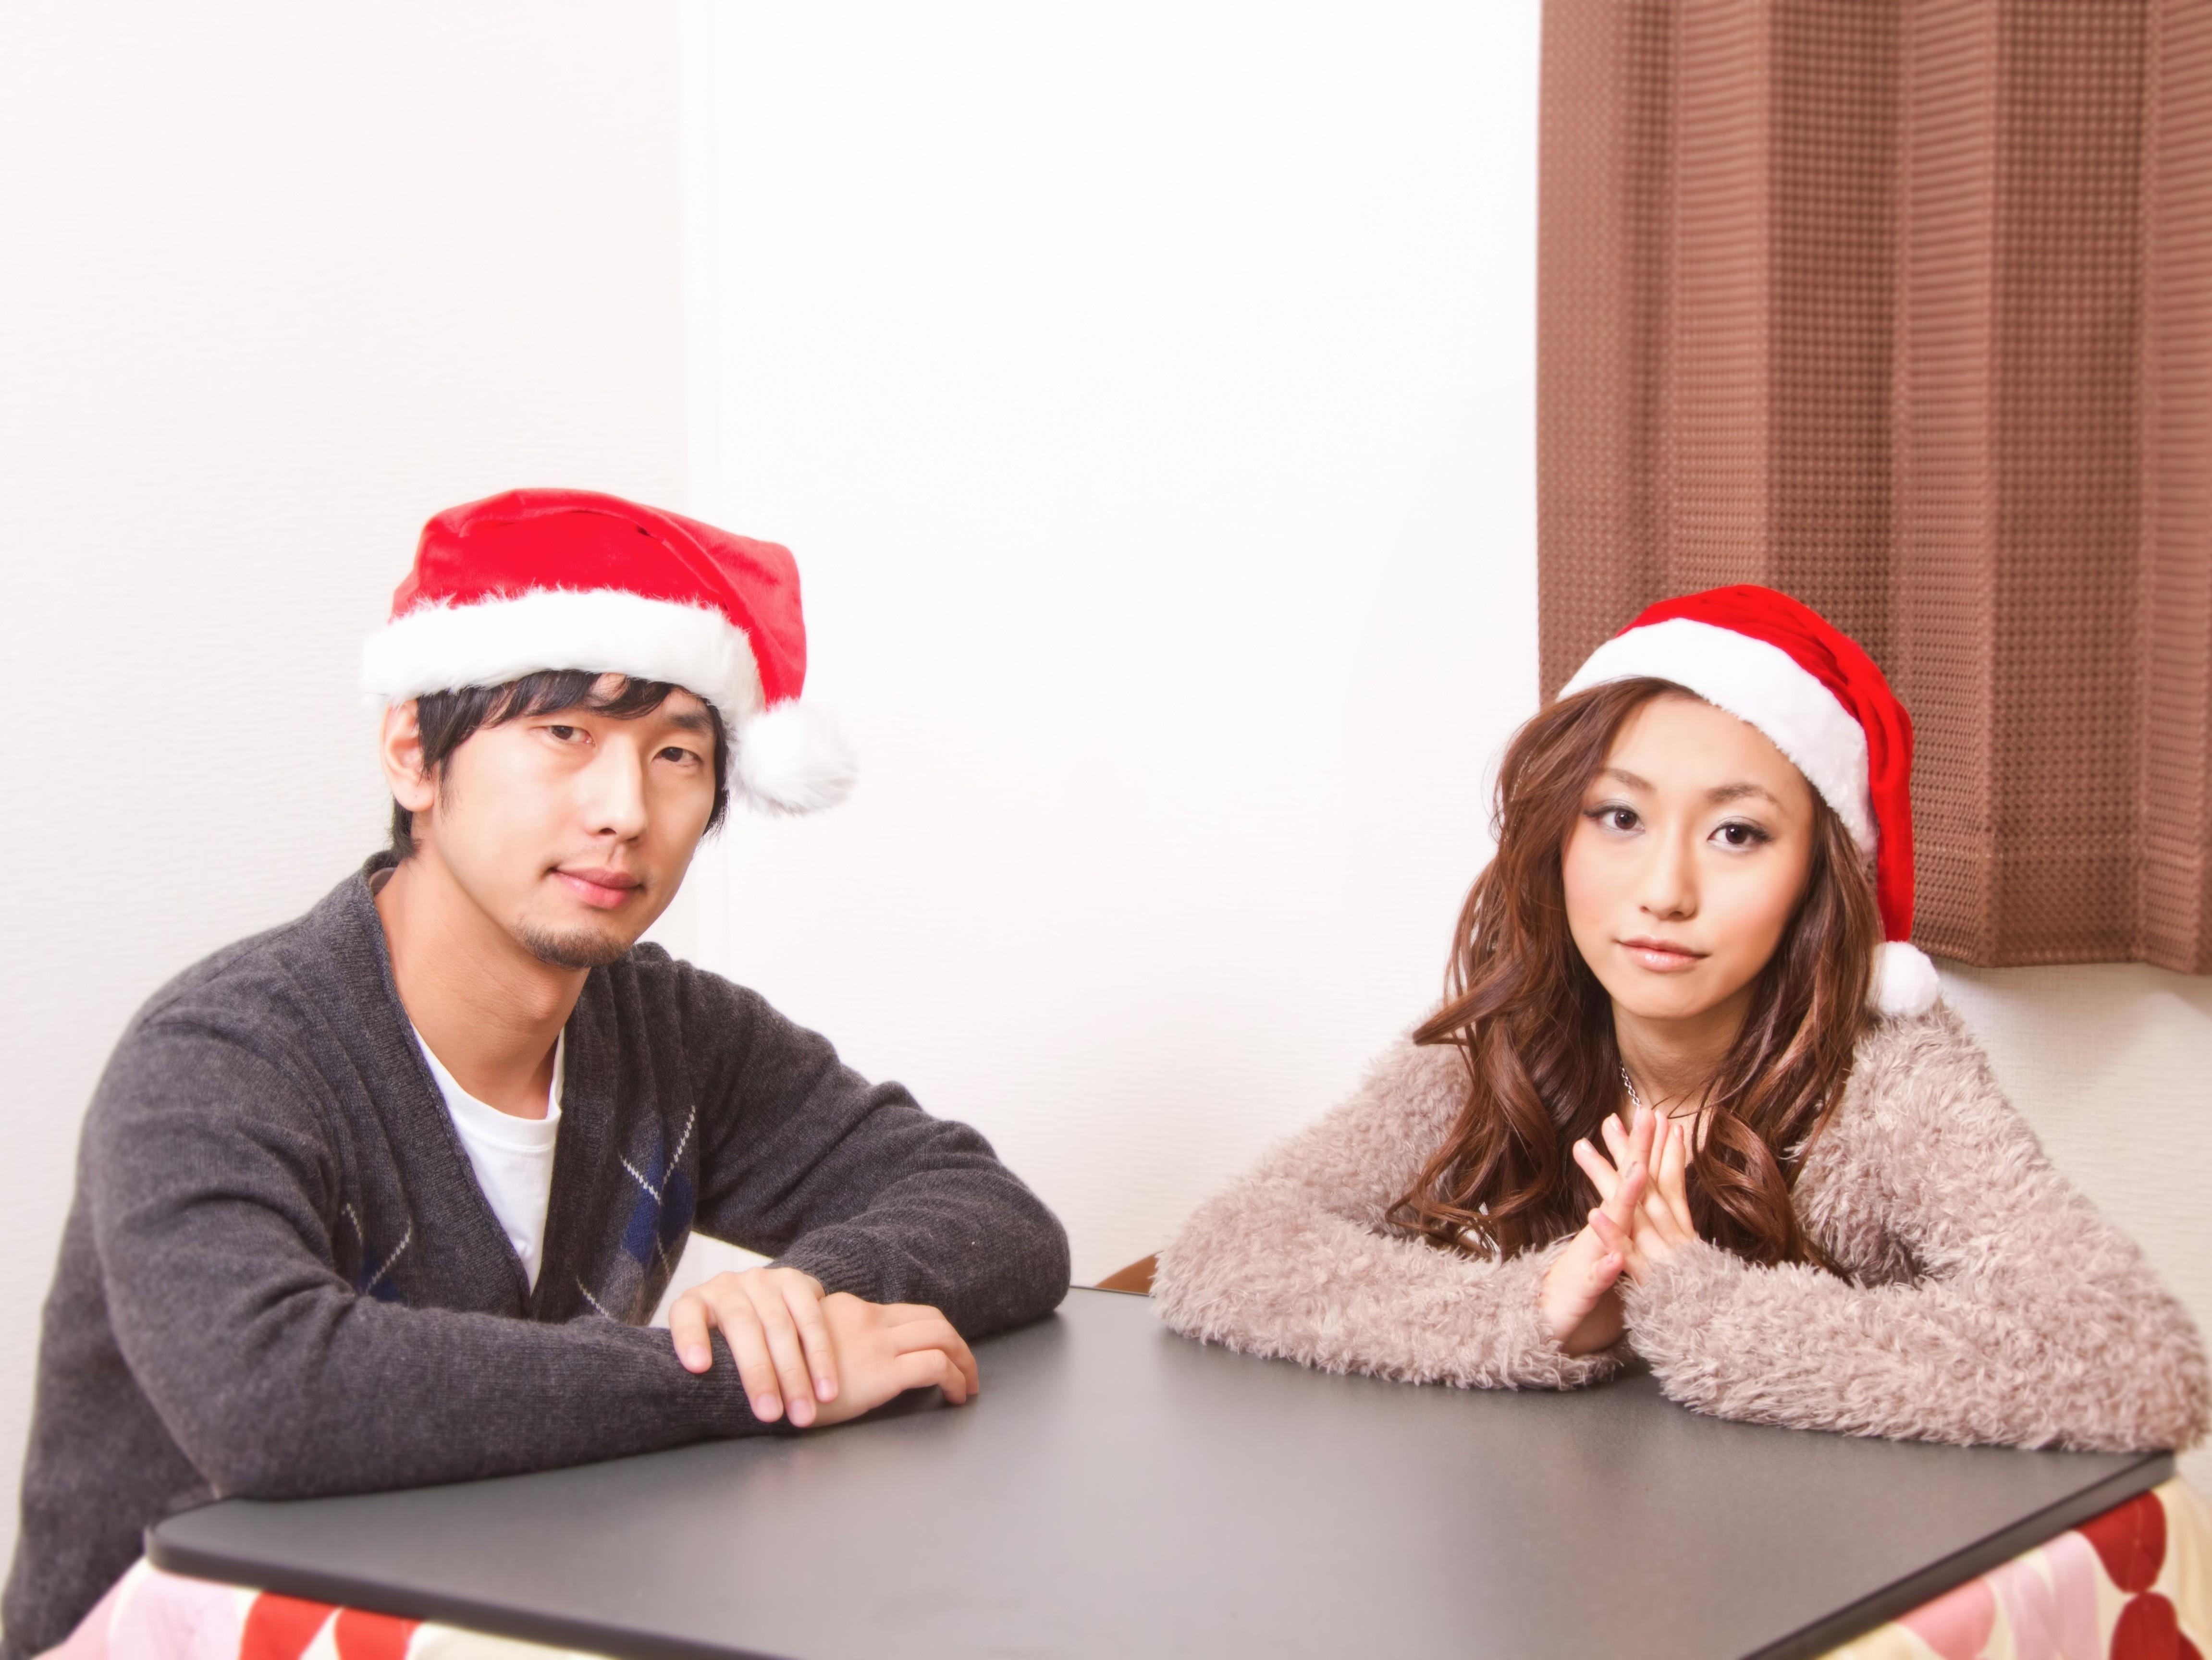 ▲聖誕節交換禮物 。(圖/取自免費圖庫pakutaso)